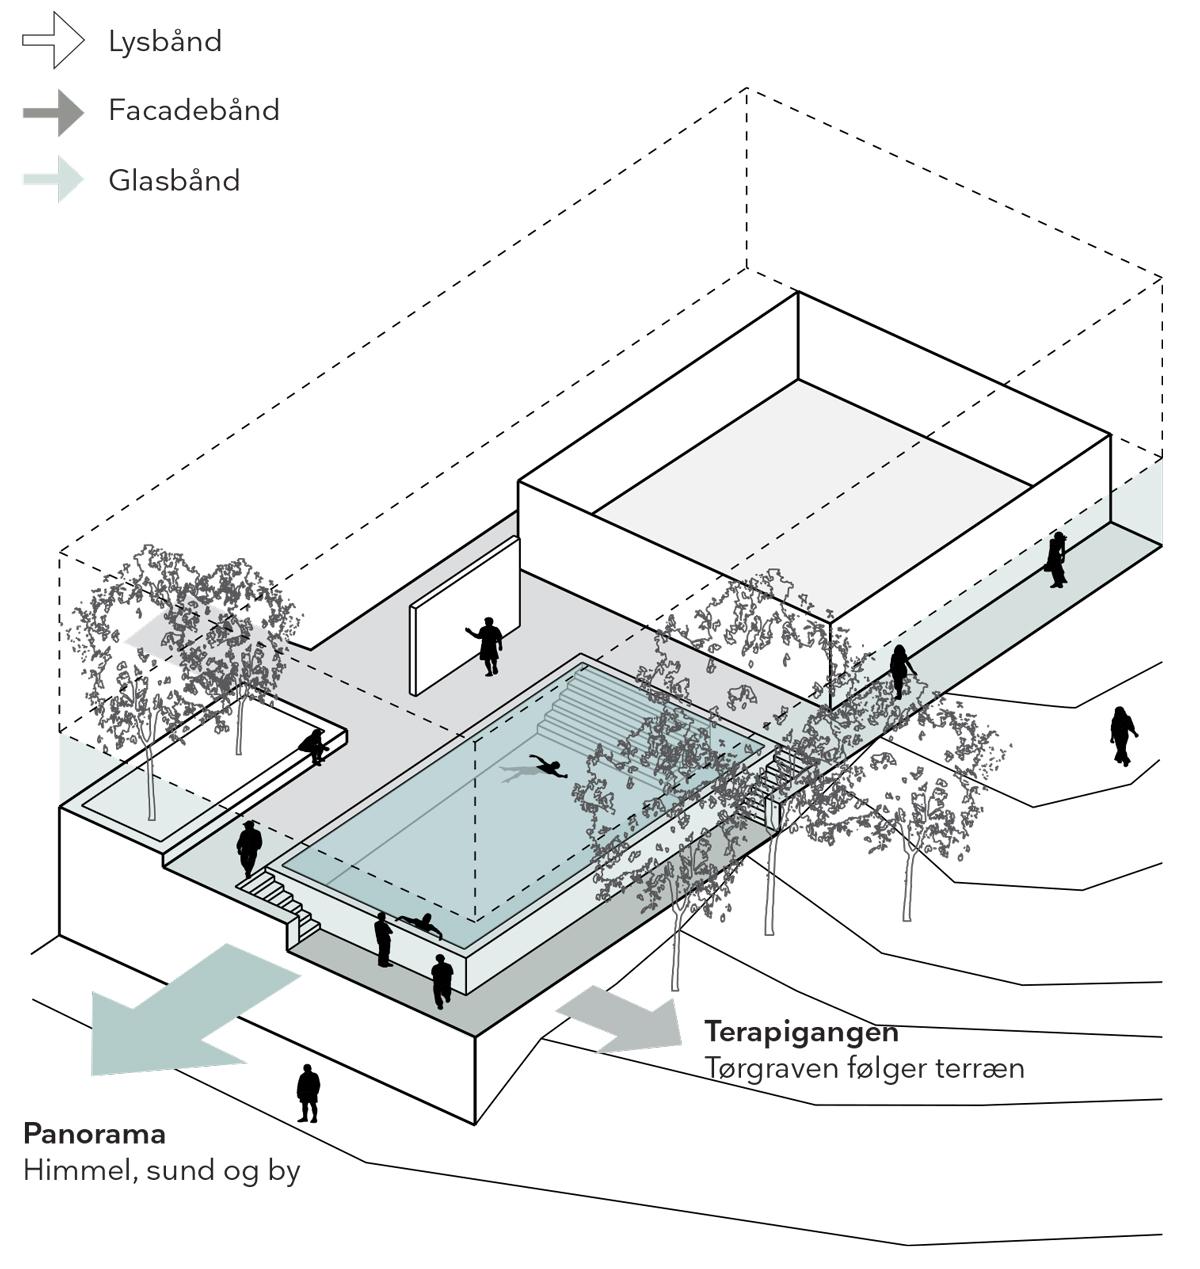 Gigthospitalet_Bassin_Diagram_1200